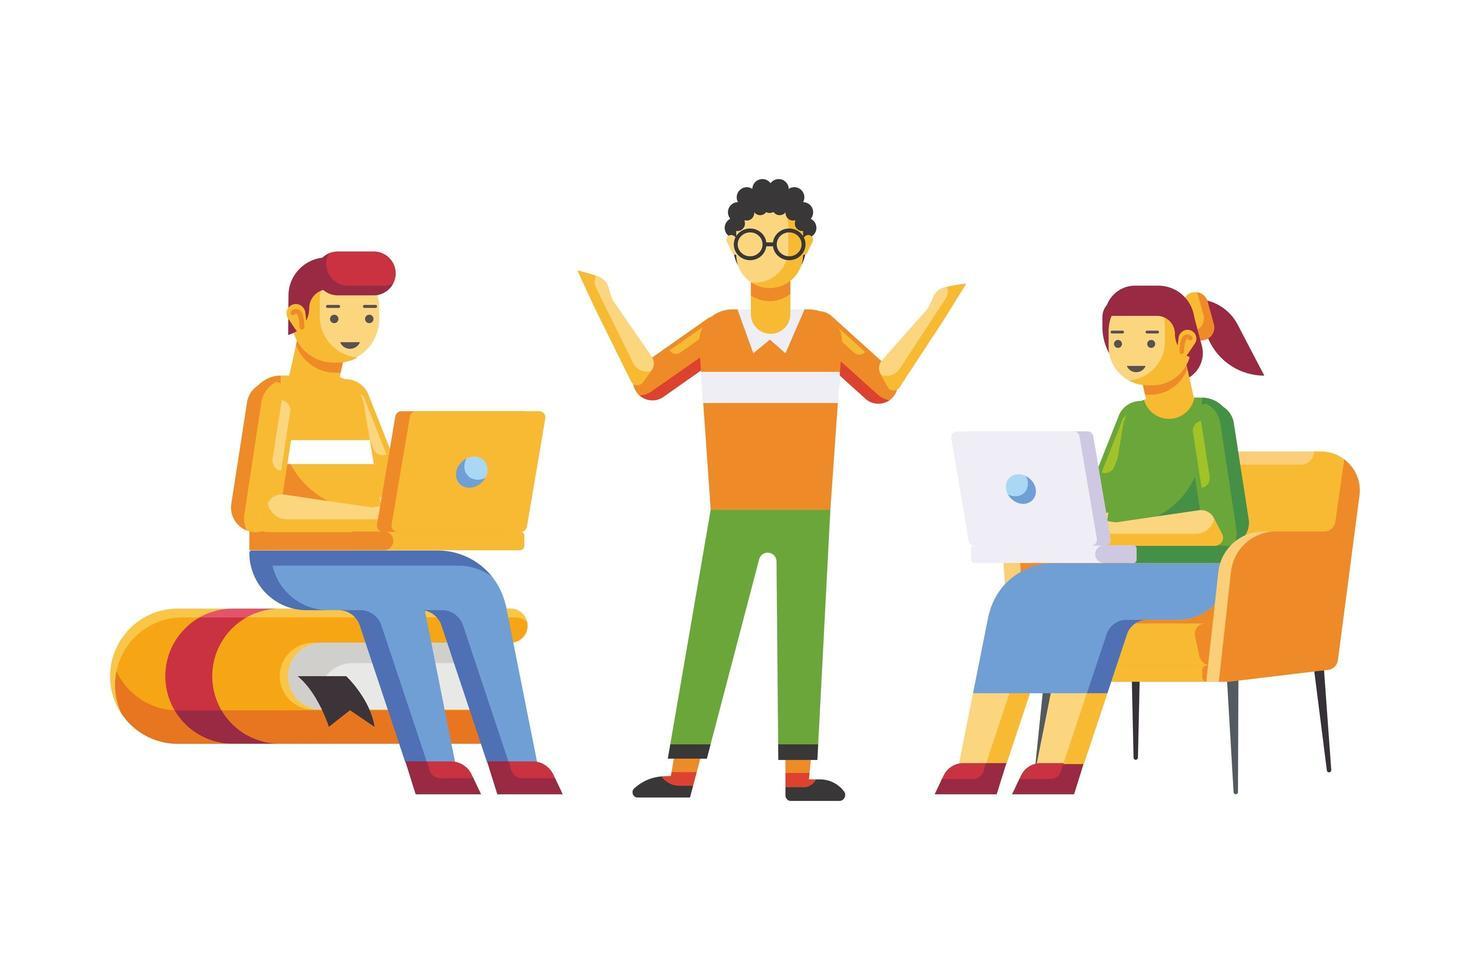 conception de dessin animé de personnes qui étudient vecteur